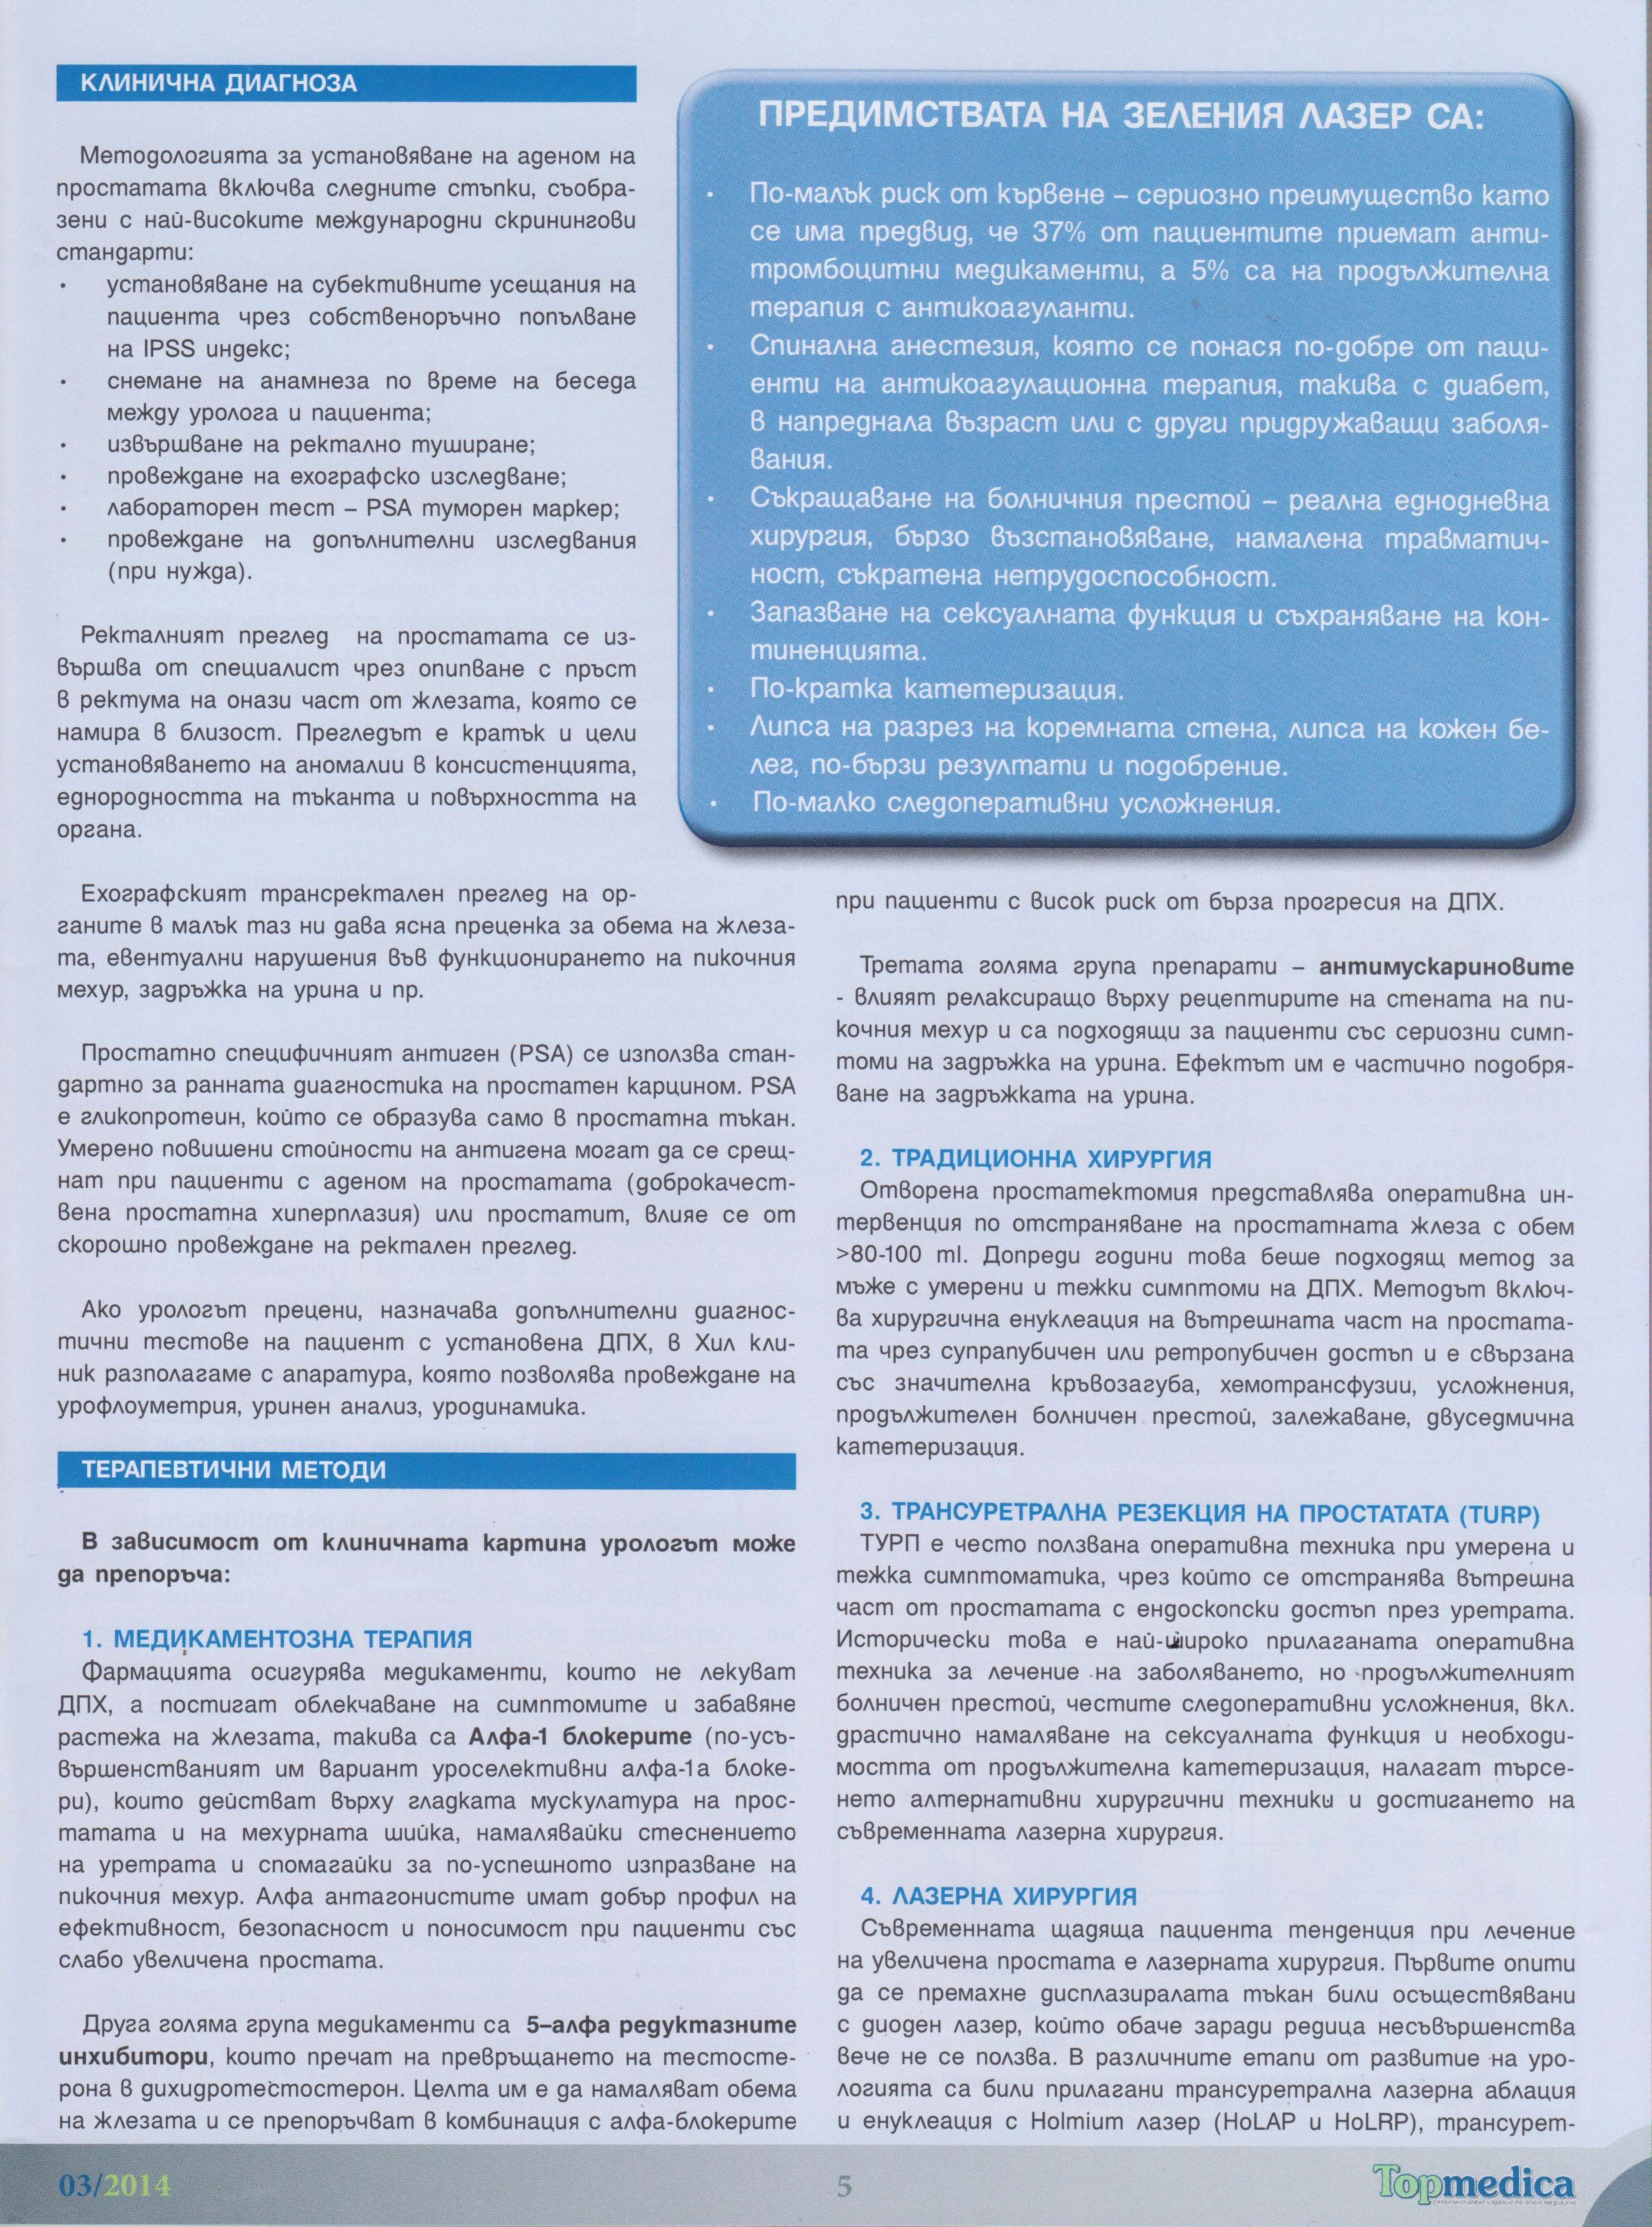 BPH 2 str.